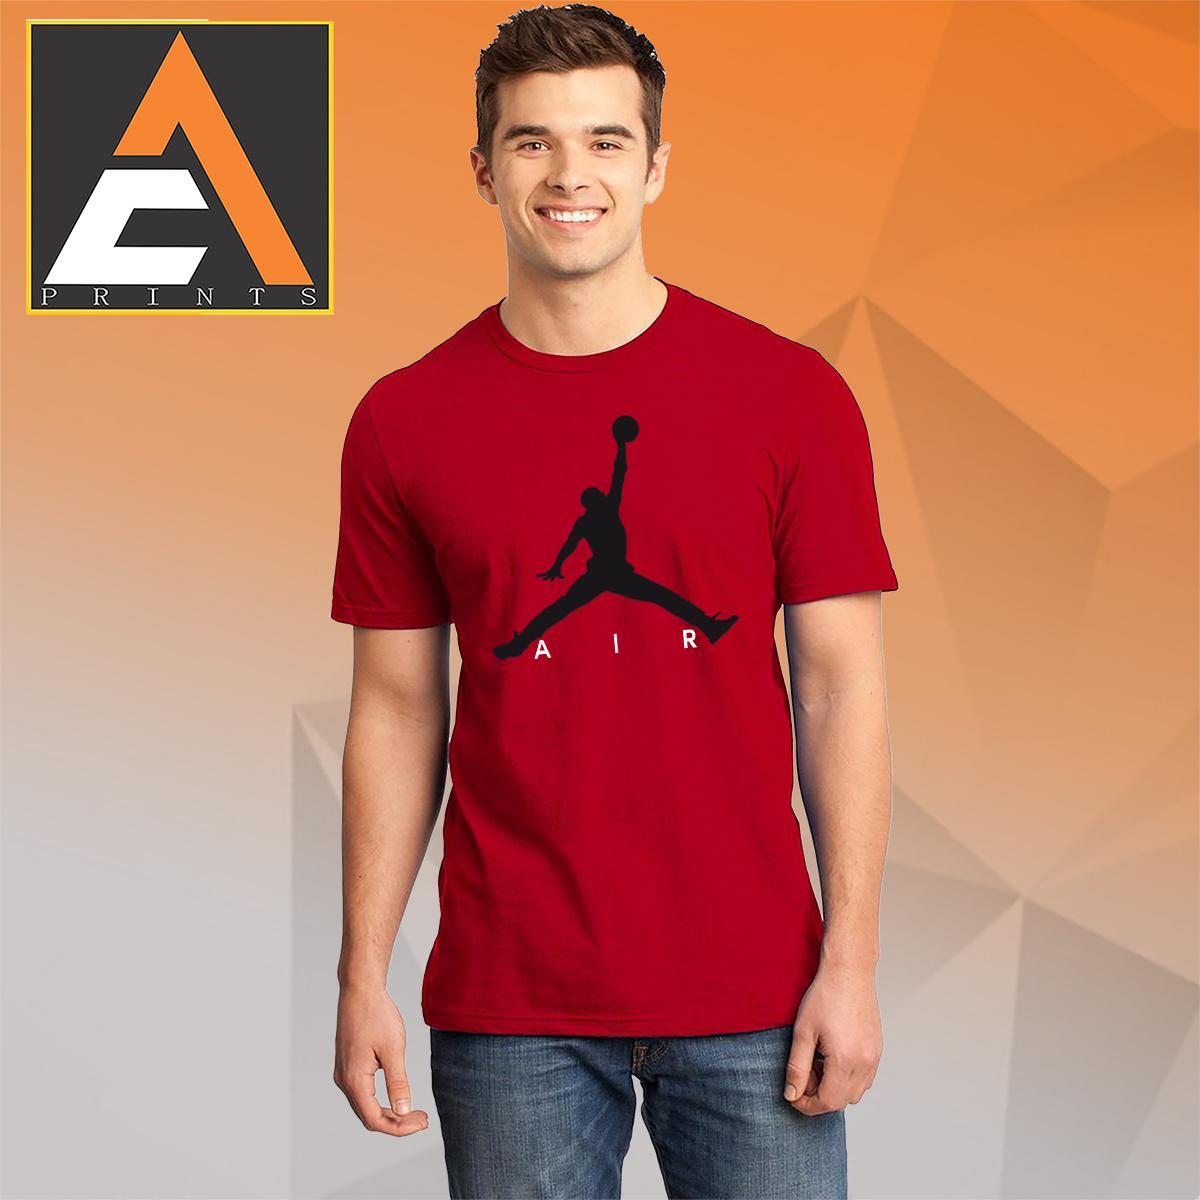 54498800aa16 Jordan shirt Michael Jordan shirt Basketball tshirt Basketball shirt AIR Shirt  Unisex(Men Women